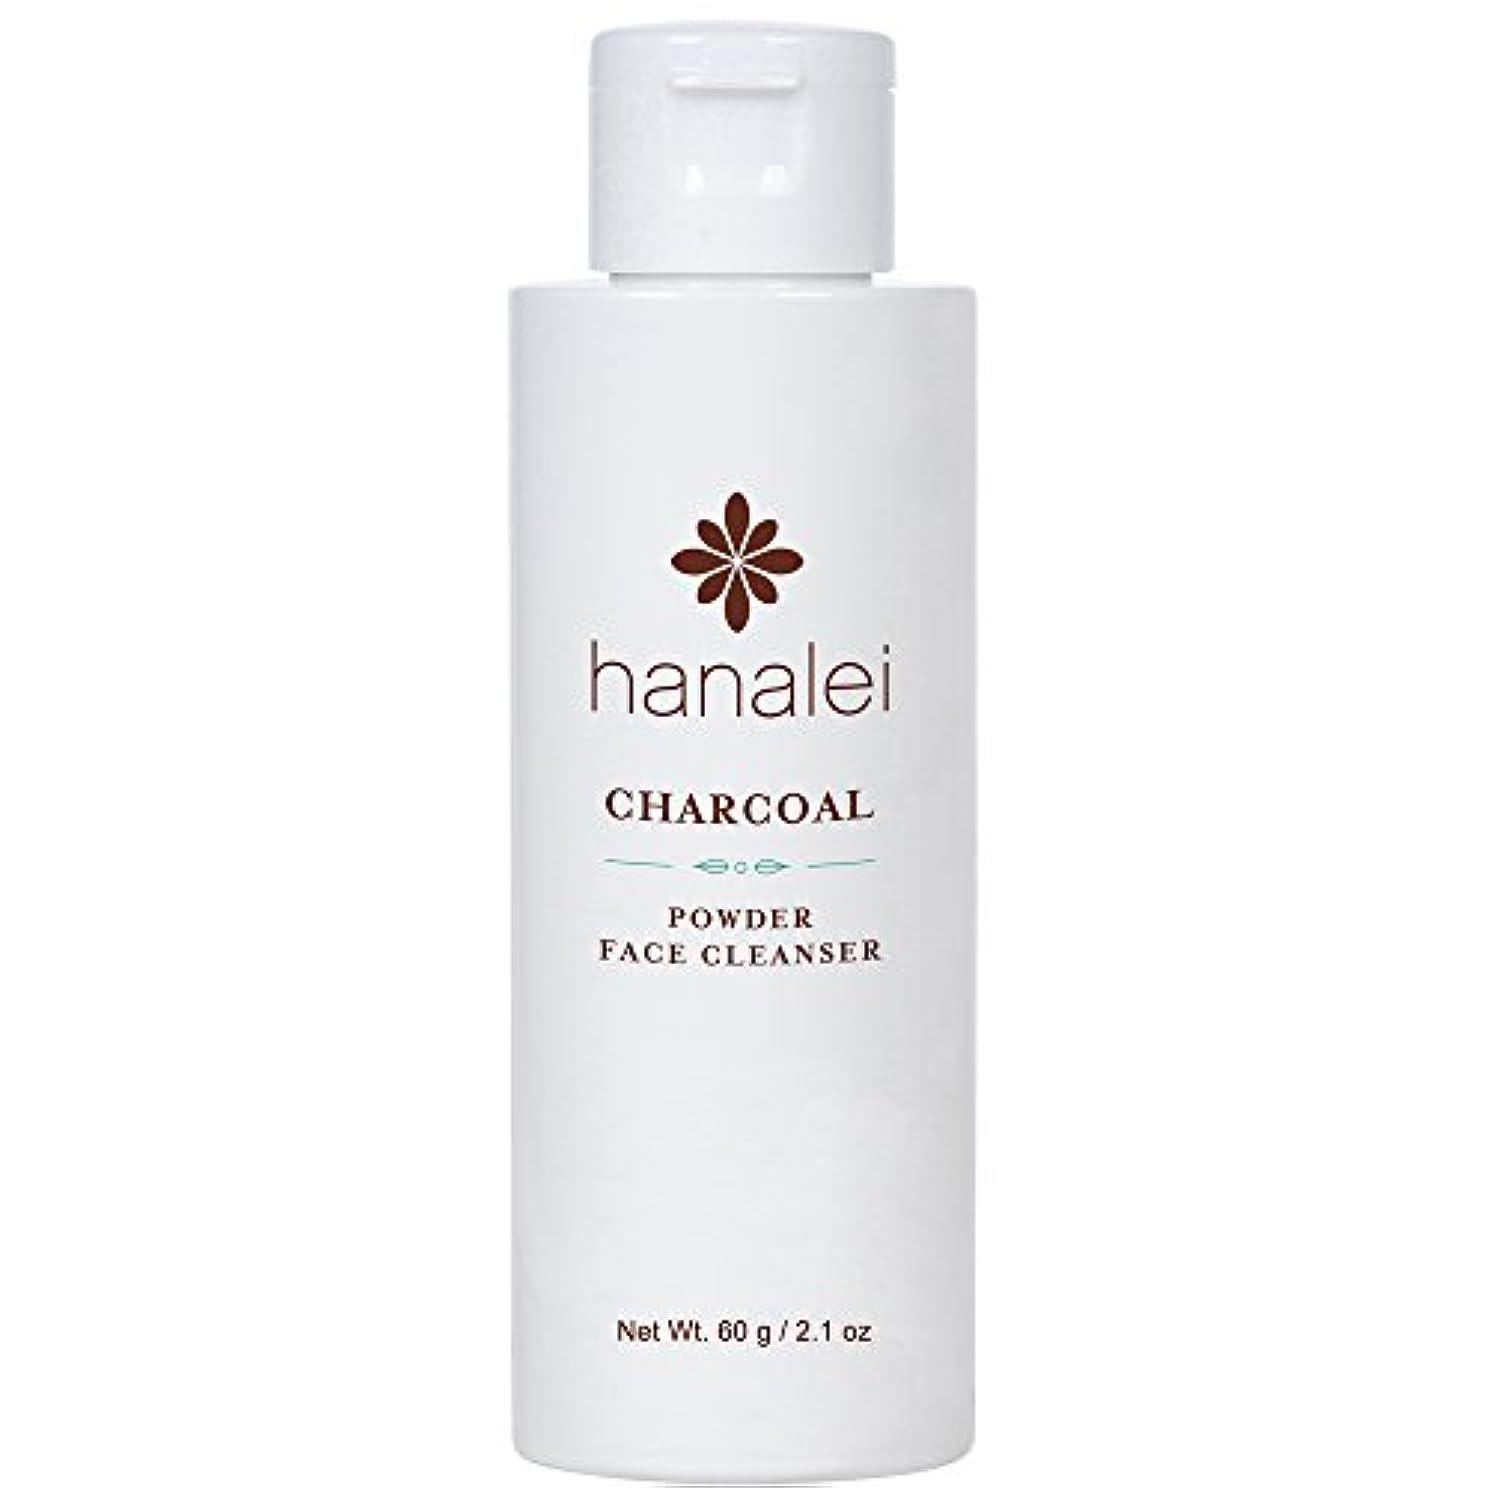 居住者生まれ再生Hanalei (ハナレイ)炭入り酵素洗顔料 (Enzyme Powder Facial Cleanser) (チャコール 60g)